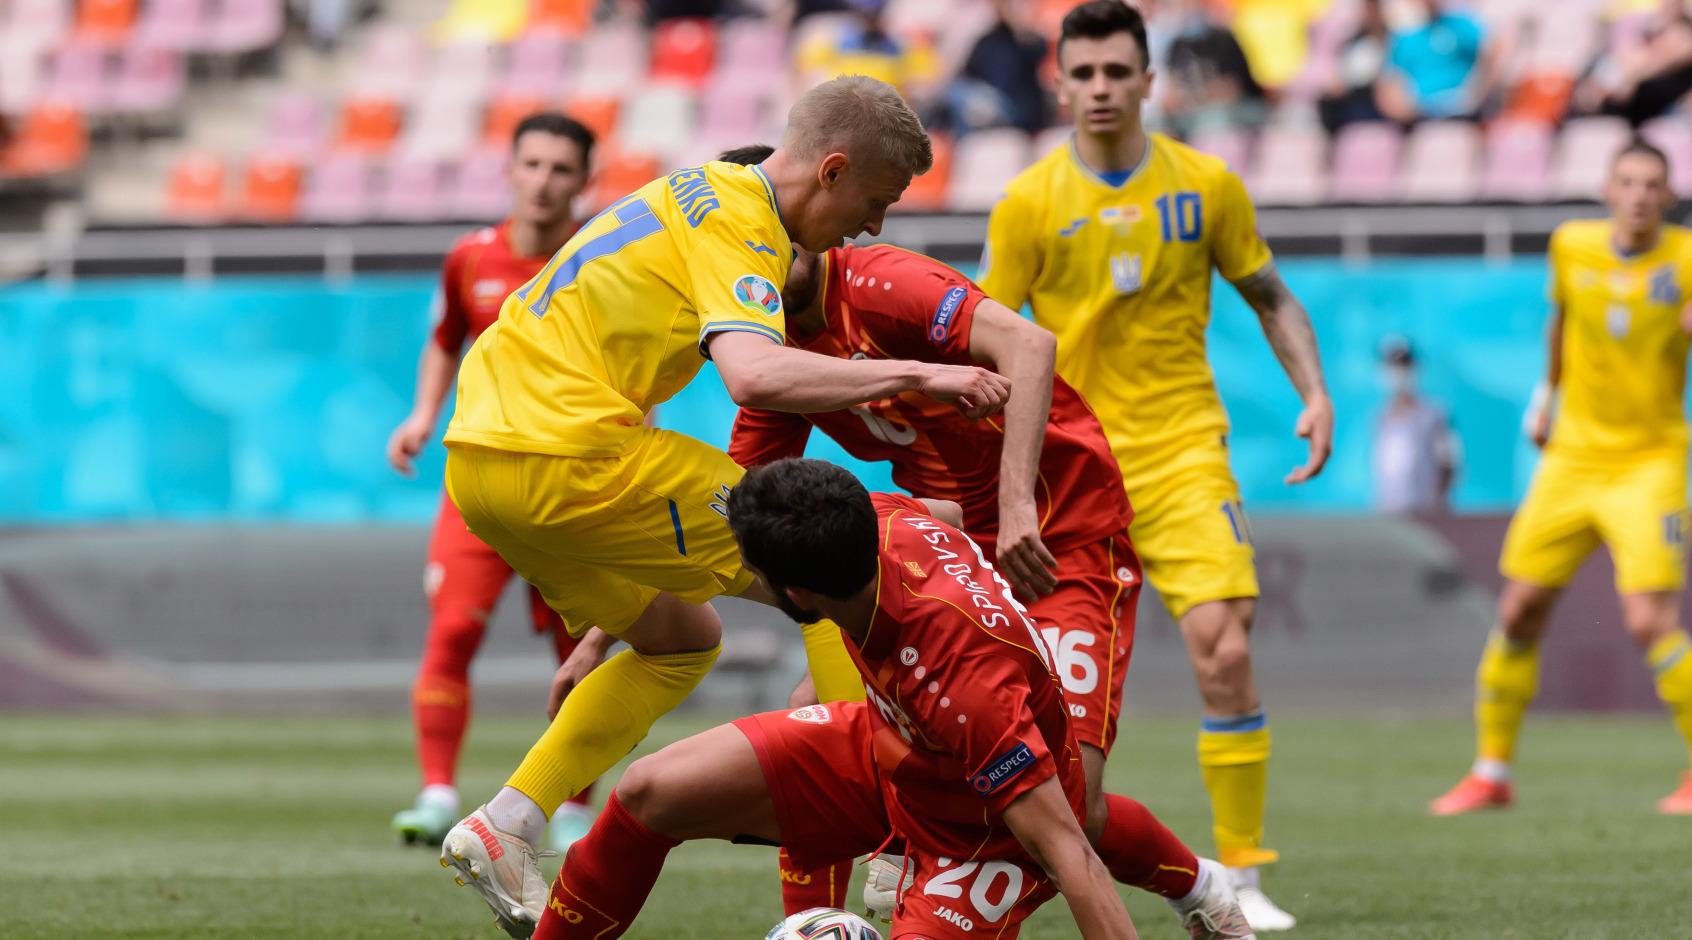 """Йожеф Сабо: """"Тяжелая победа сборной Украины, думал, что наши спокойно доведут дело до конца..."""""""